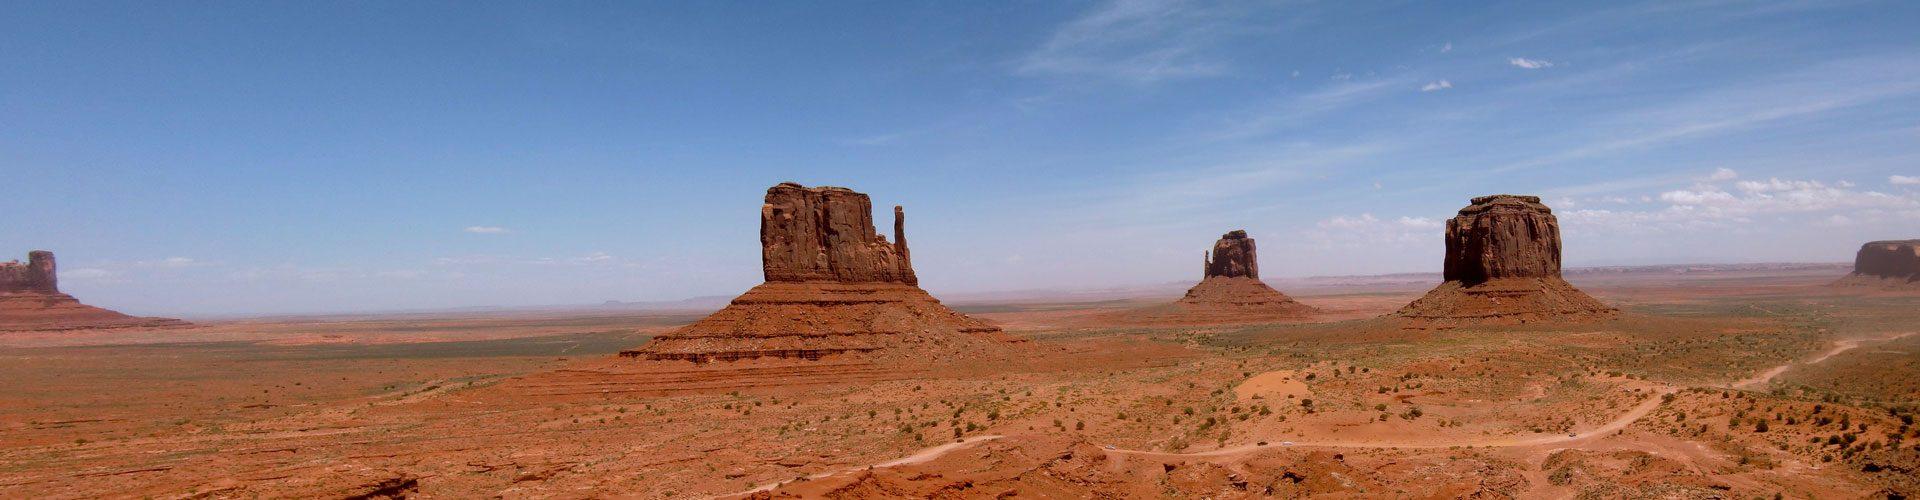 Drei Mittens, Monument Valley, Utah